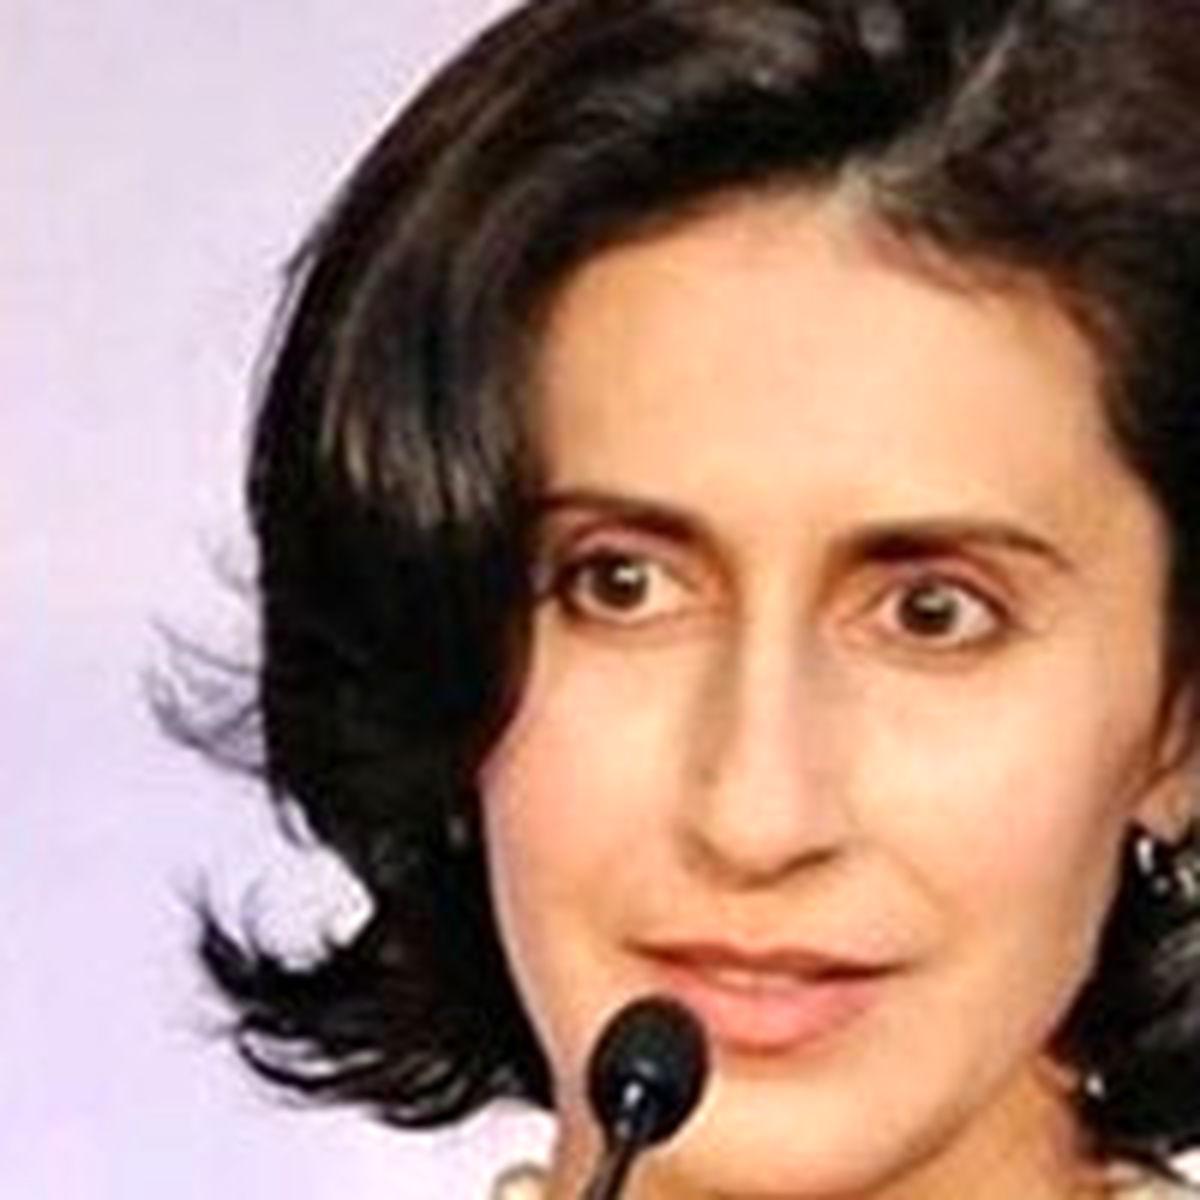 یک زن ایرانی رسما سفیر آمریکا در سوئد شد